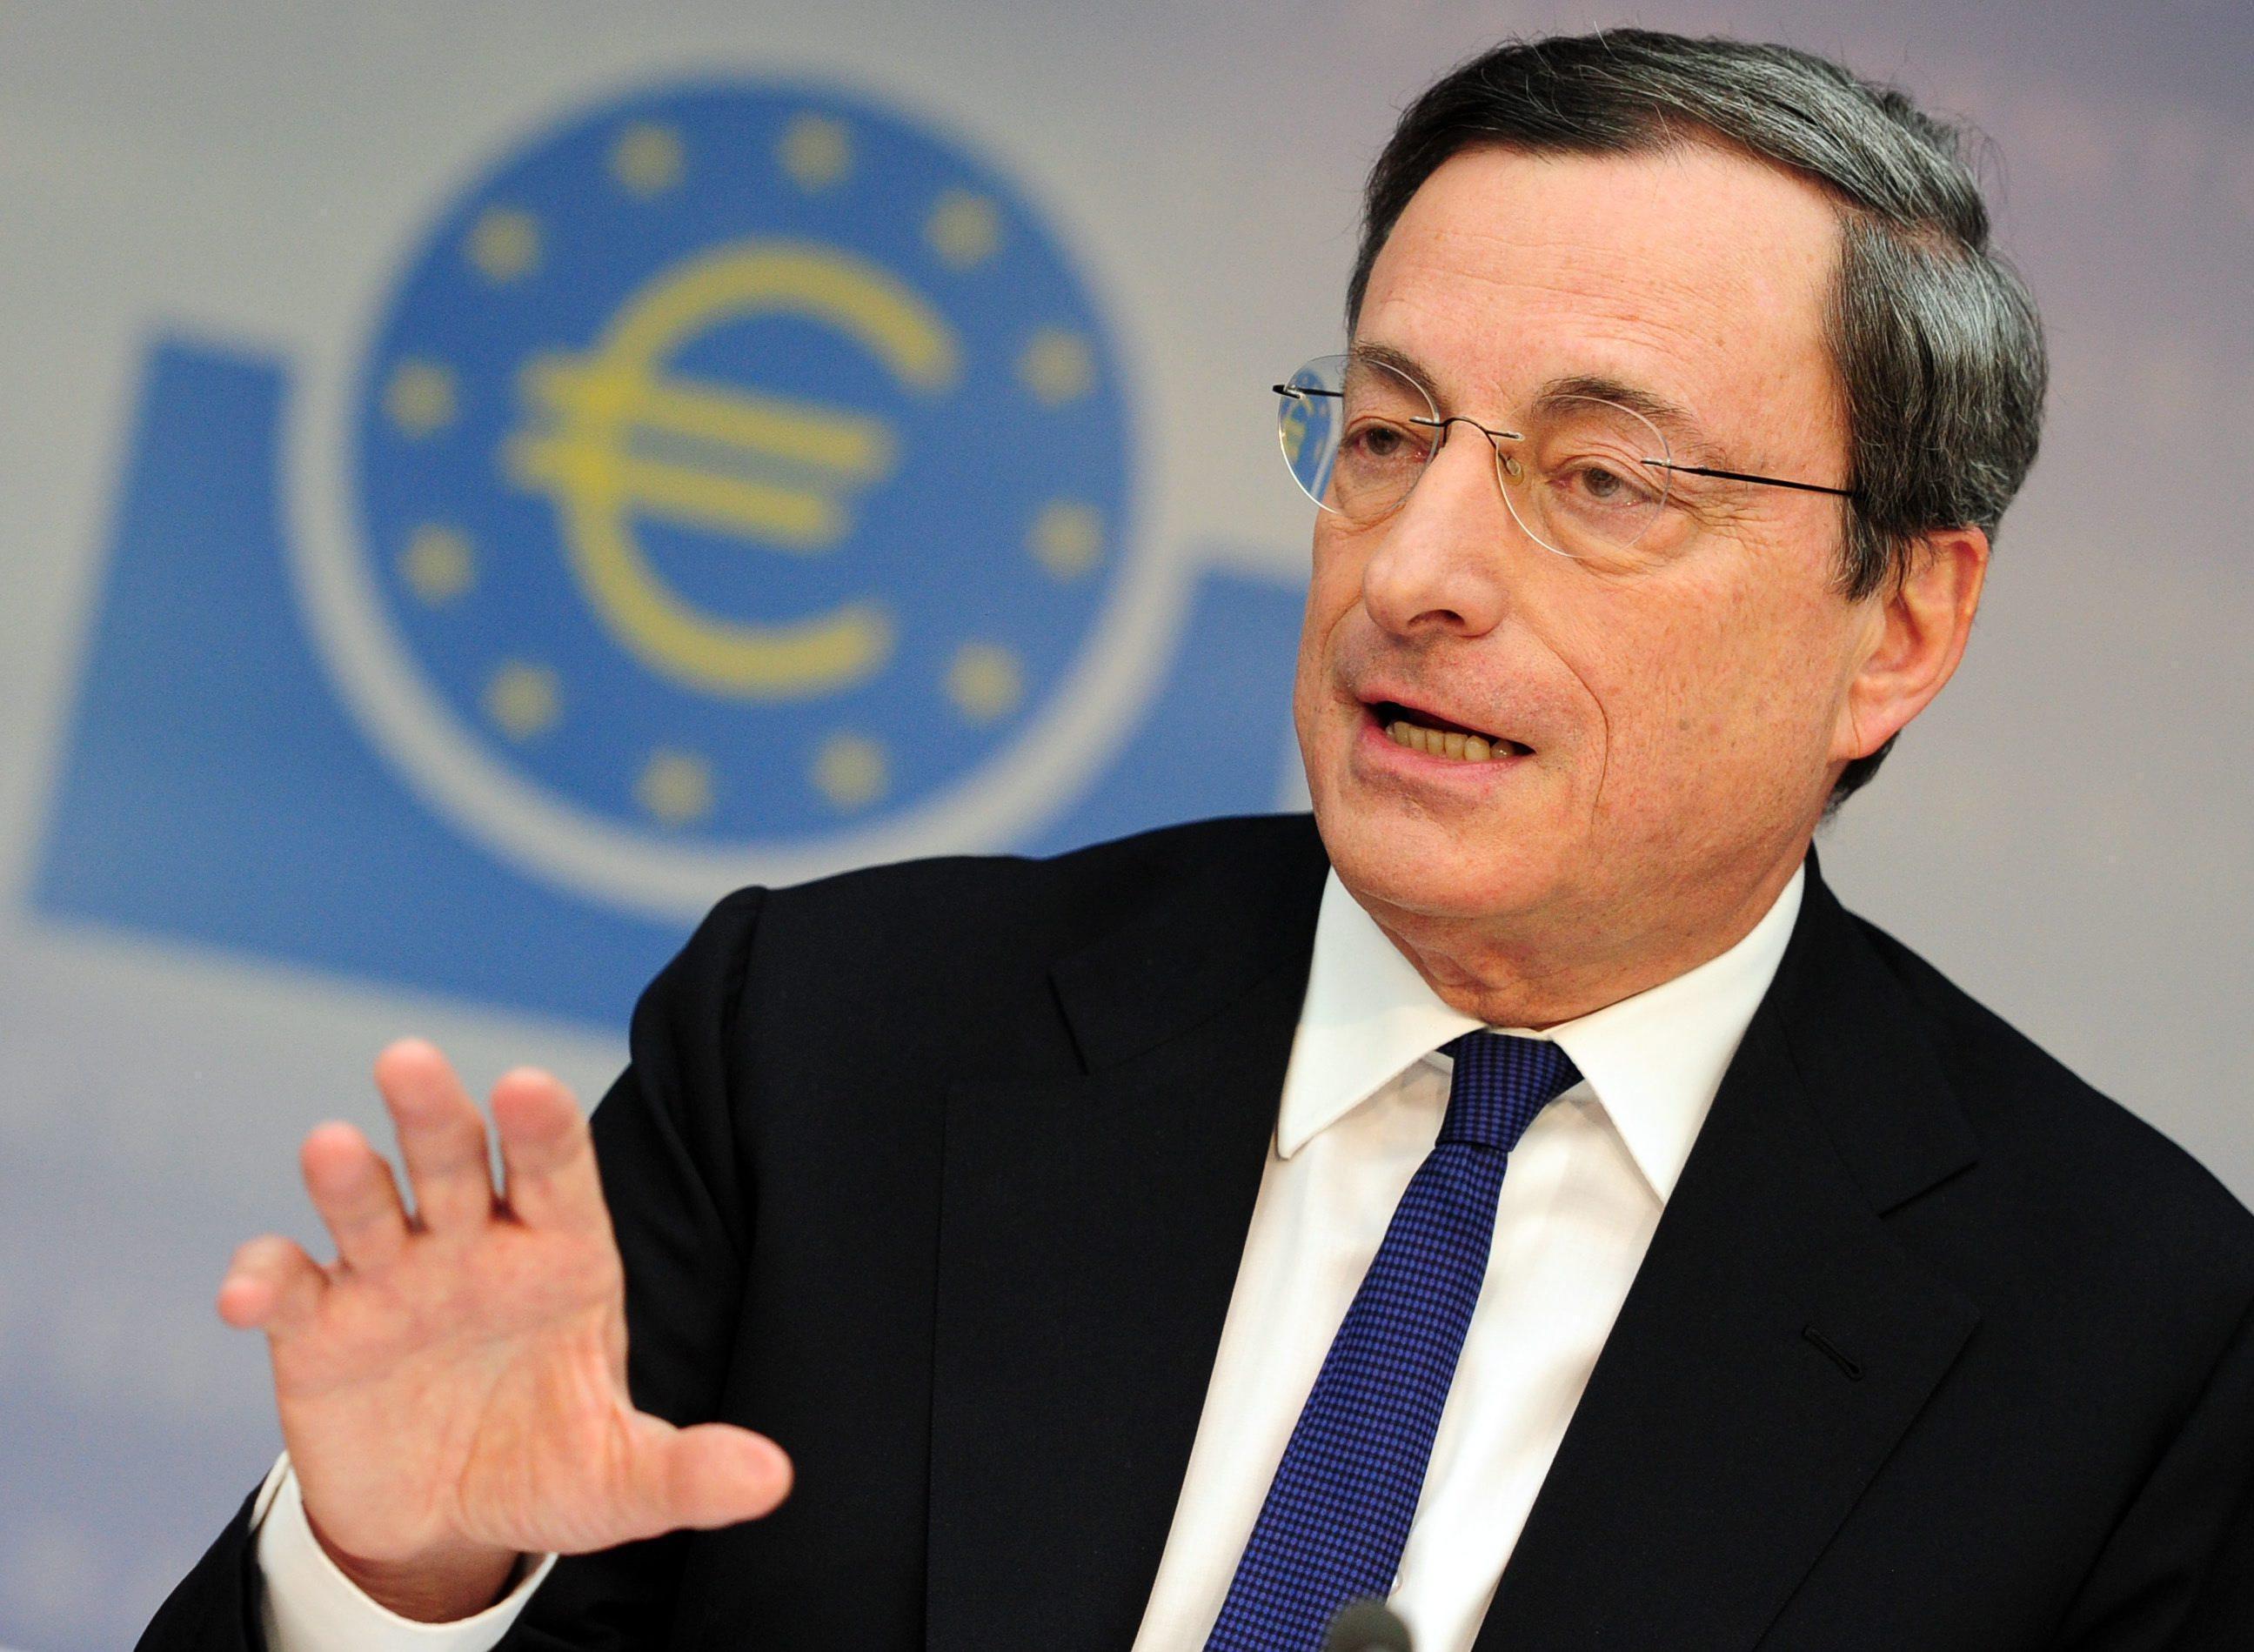 Draghi acalla rumores sobre disensiones y sigue con la puerta abierta a más medidas